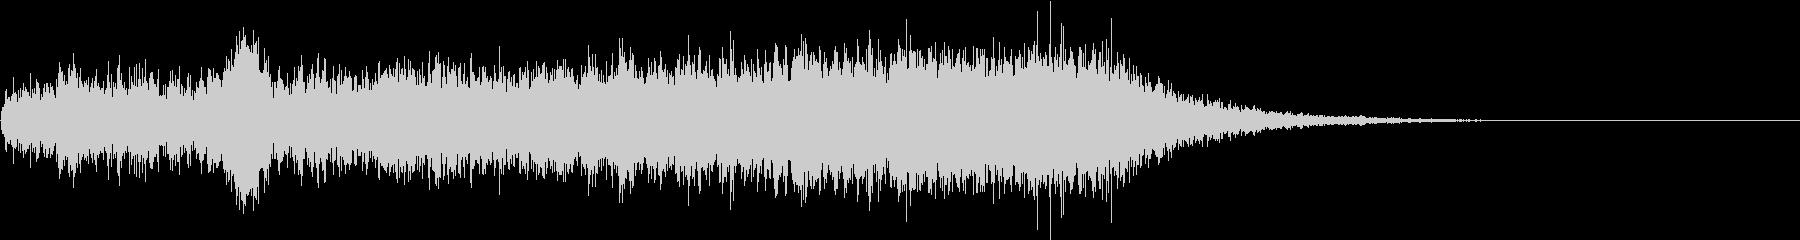 シューッという音EC07_73_3の未再生の波形